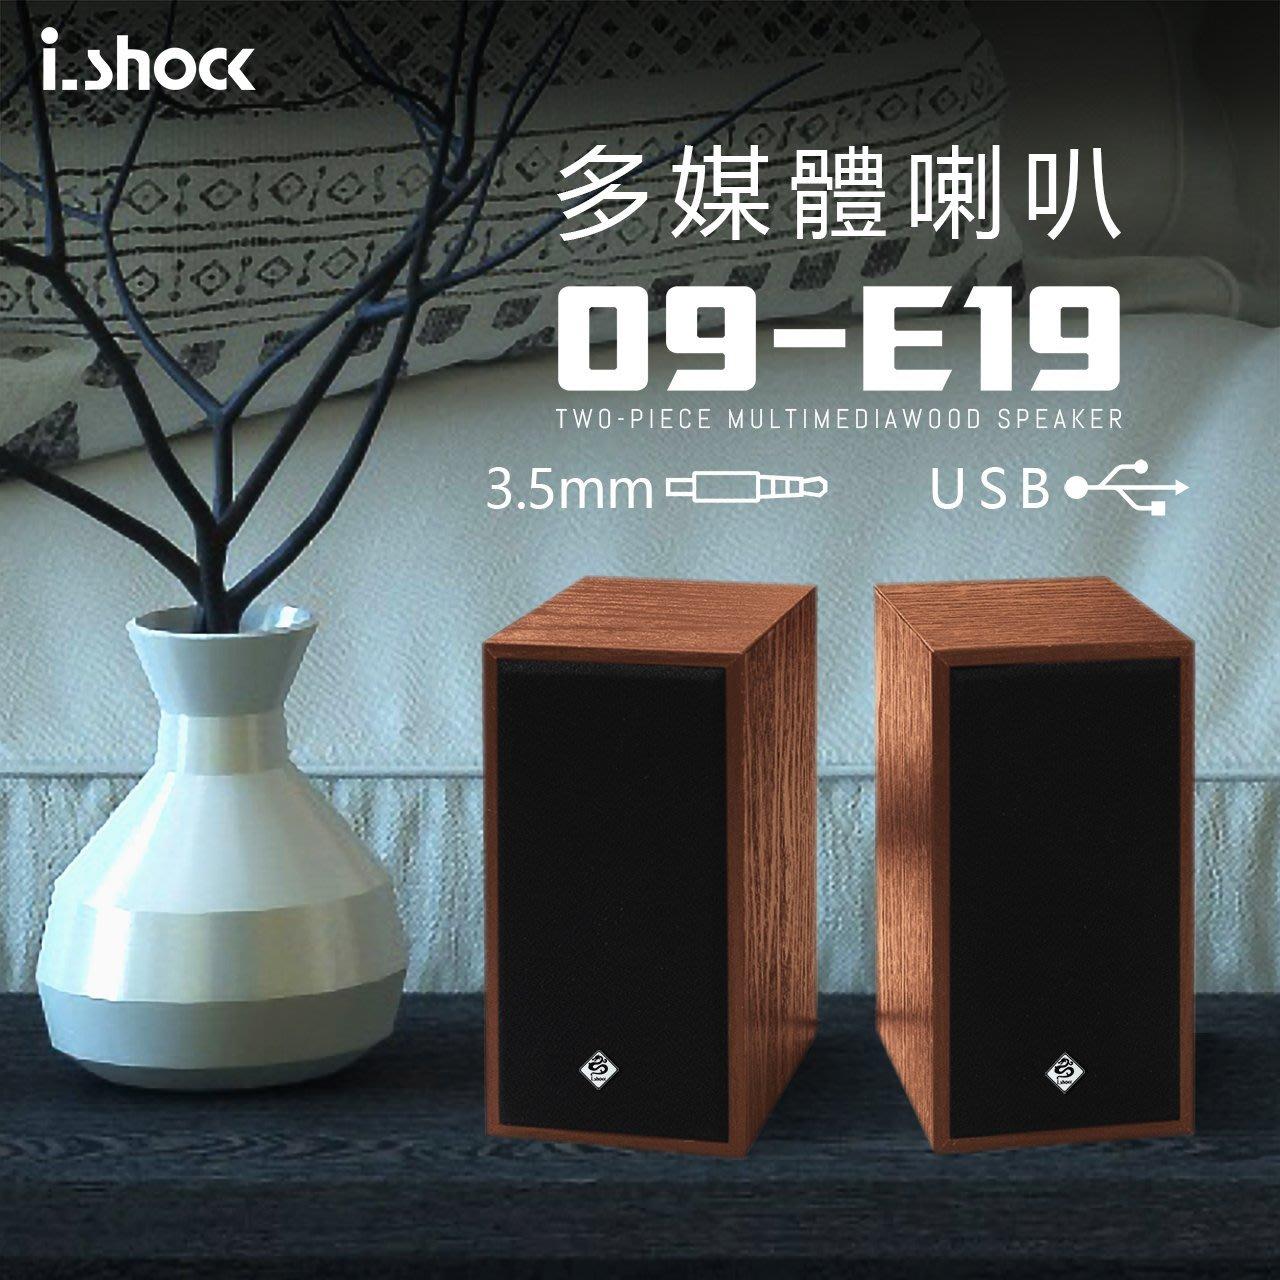 嚴選木材音箱 ishock 喇叭兩件式多媒體喇叭 木質喇叭 電腦喇叭【G1025】